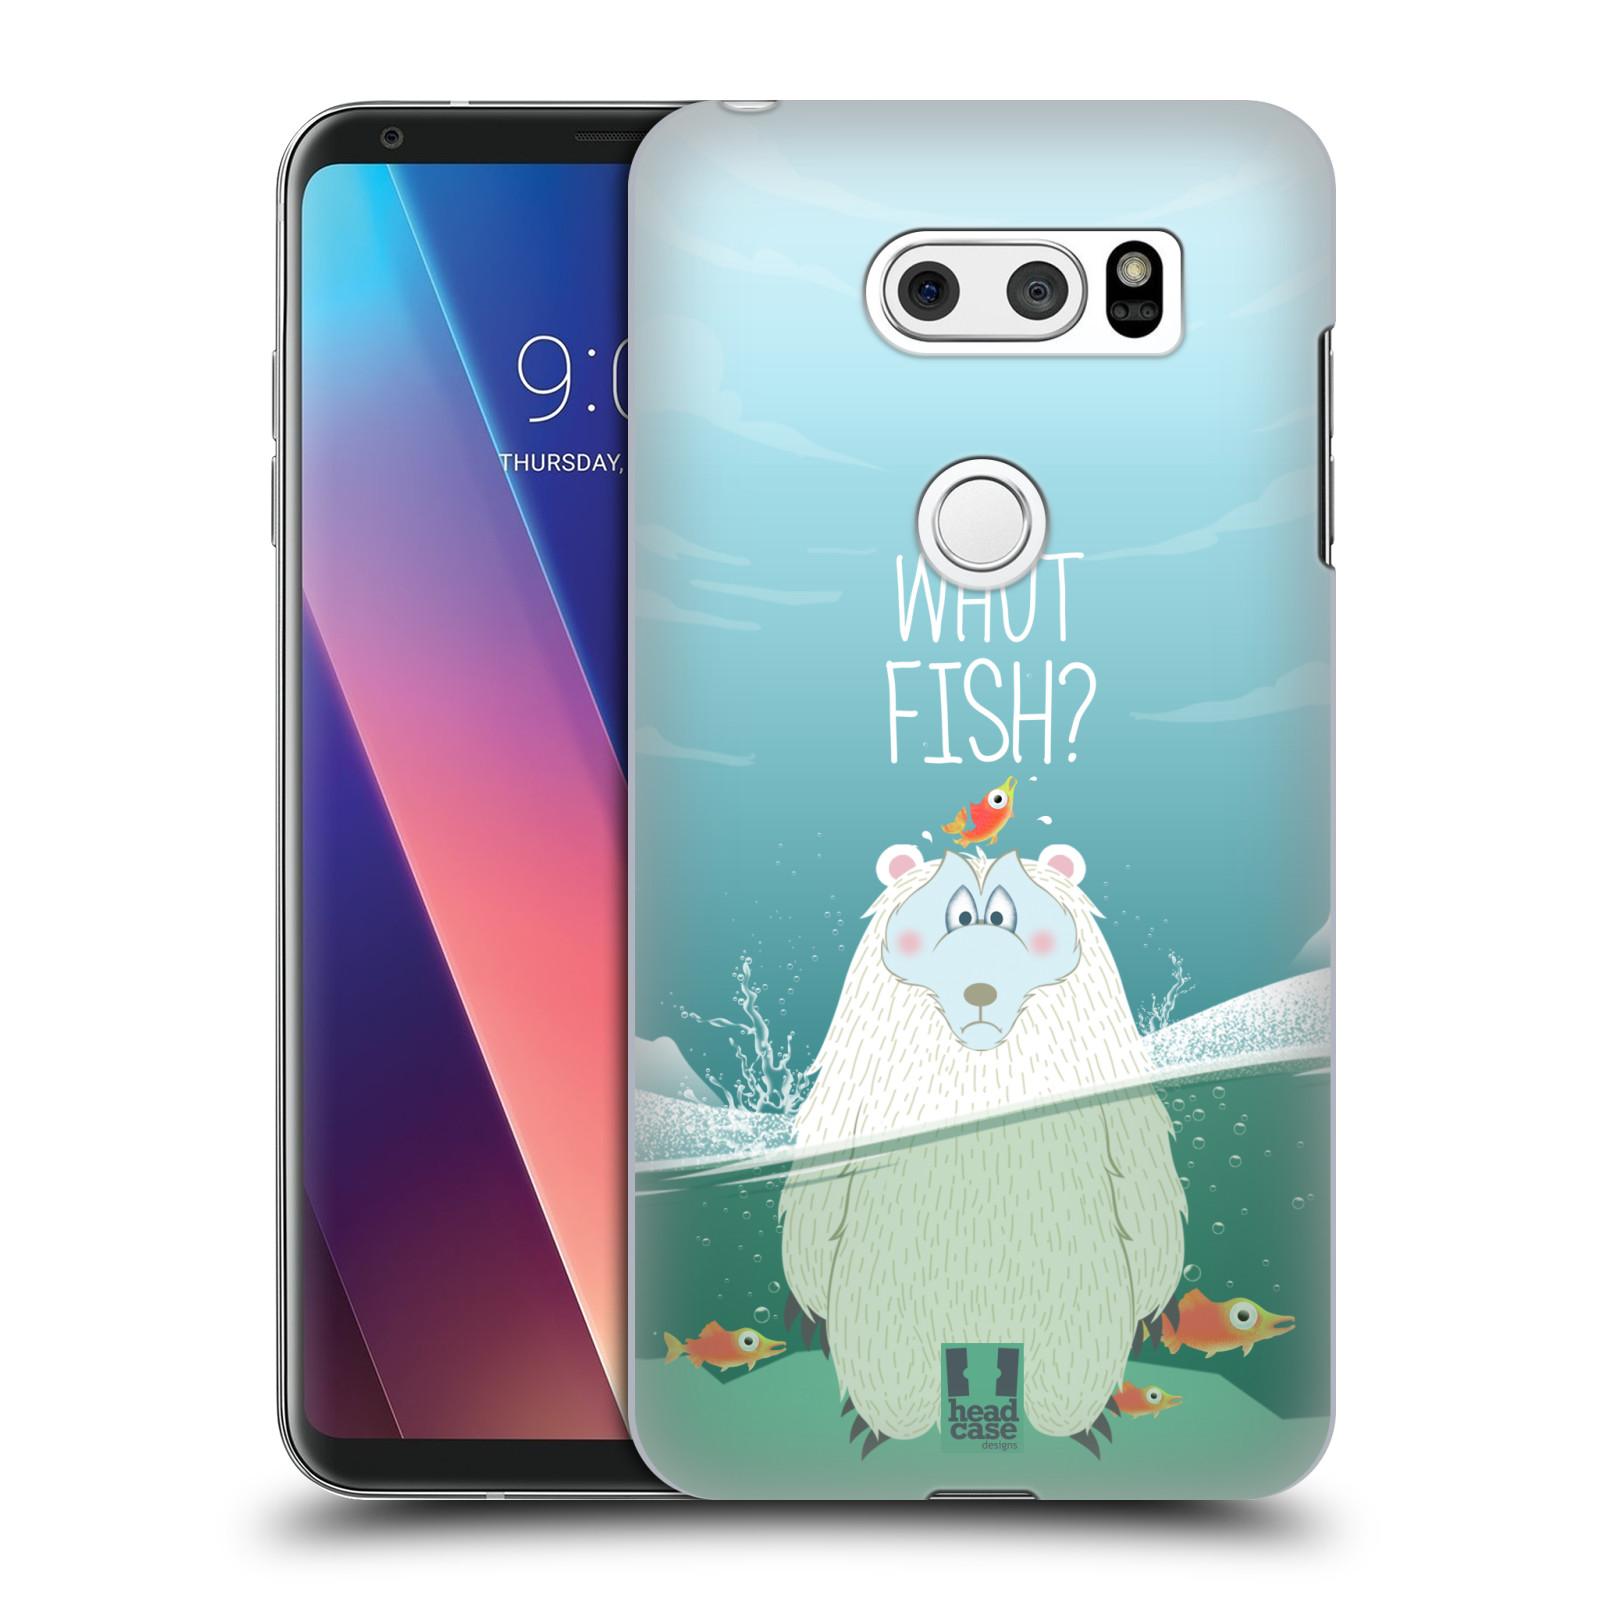 Plastové pouzdro na mobil LG V30 - Head Case - Medvěd Whut Fish?